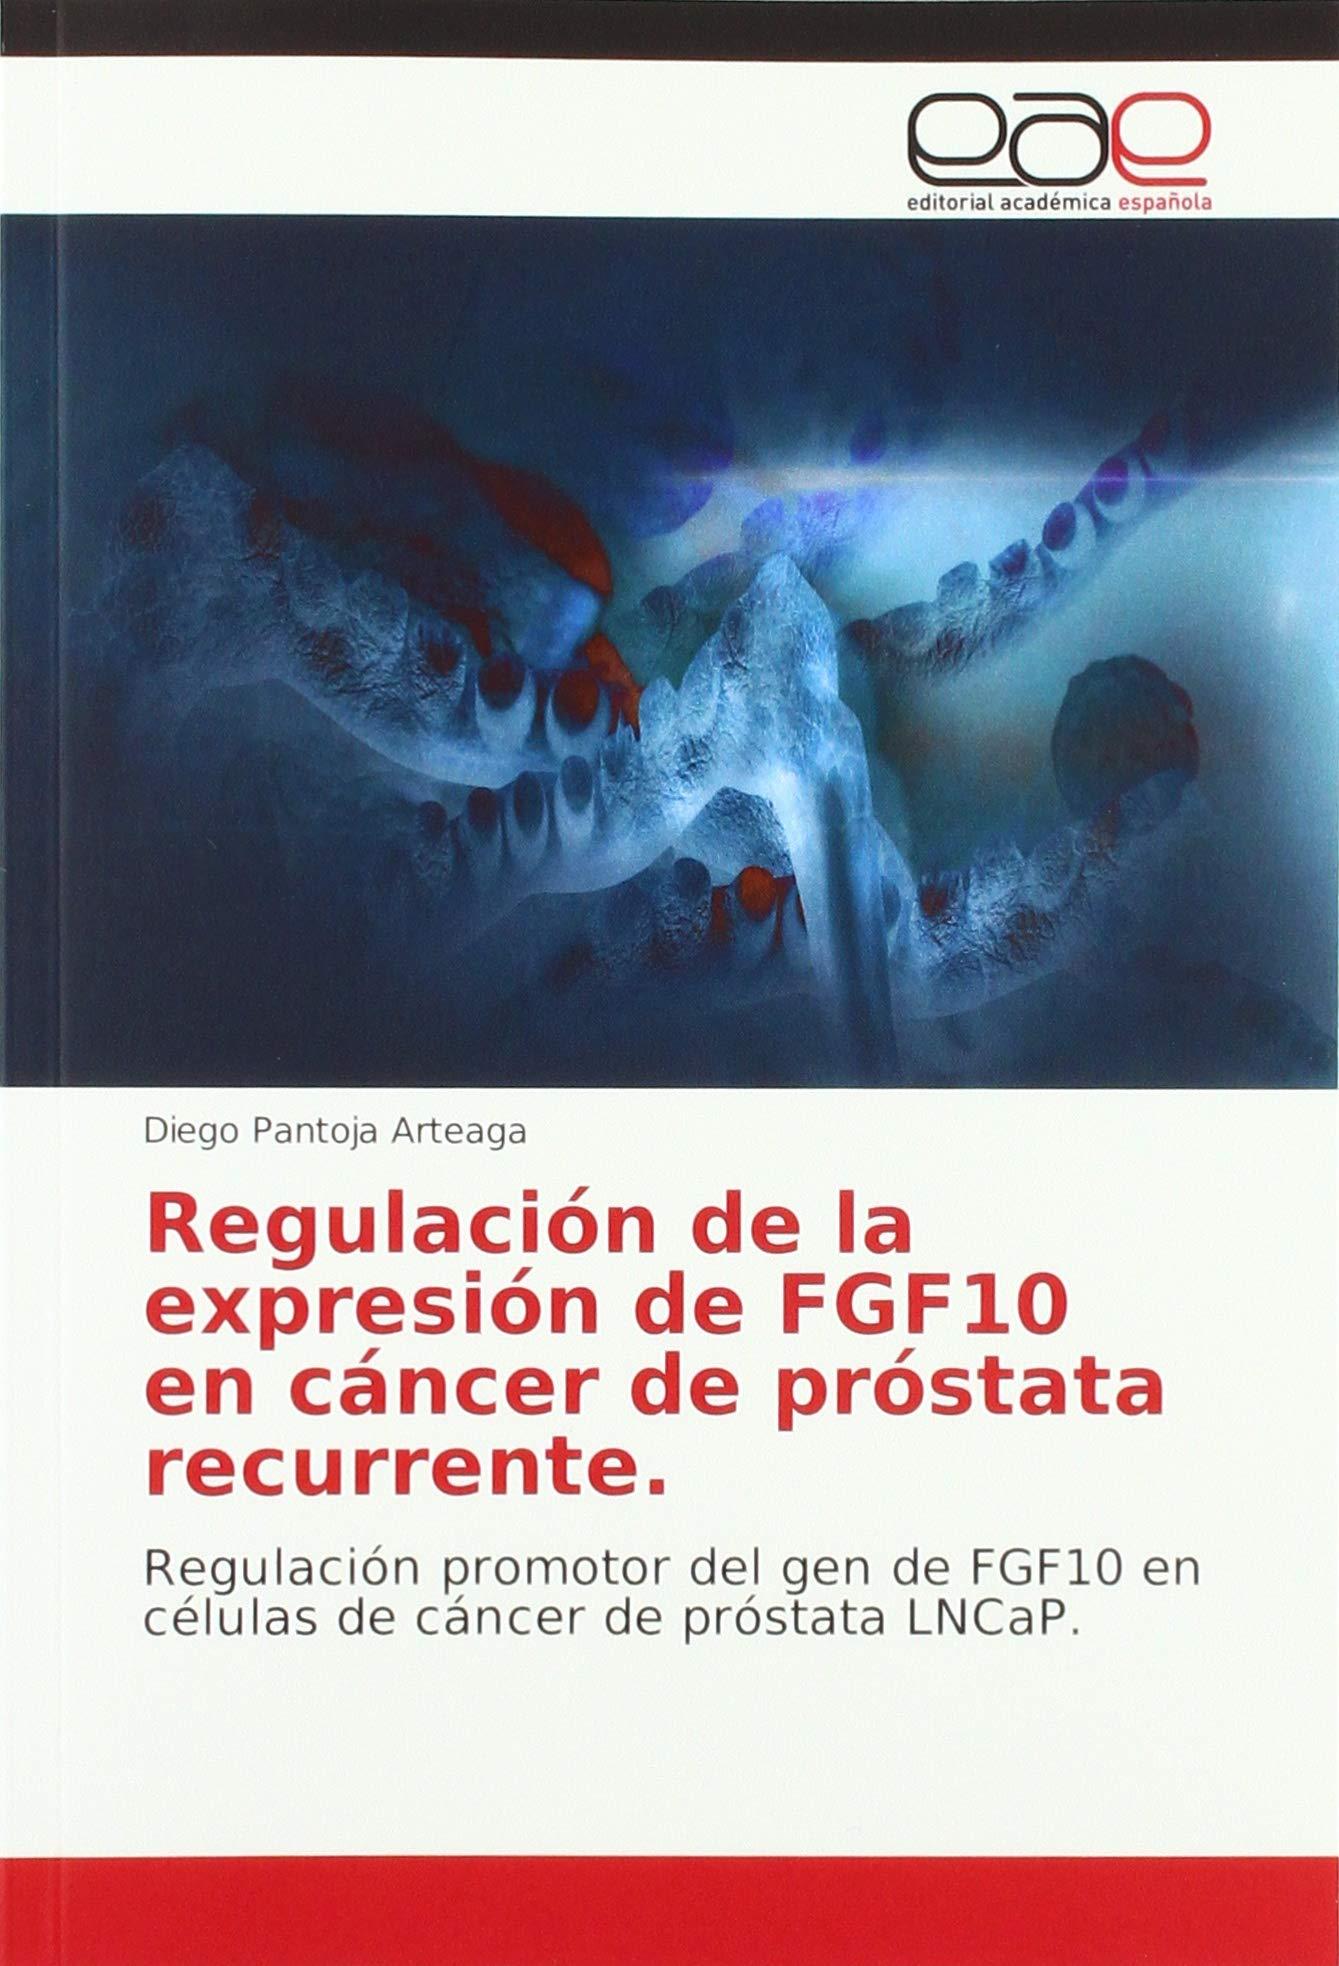 Regulación de la expresión de FGF10 en cáncer de próstata ...